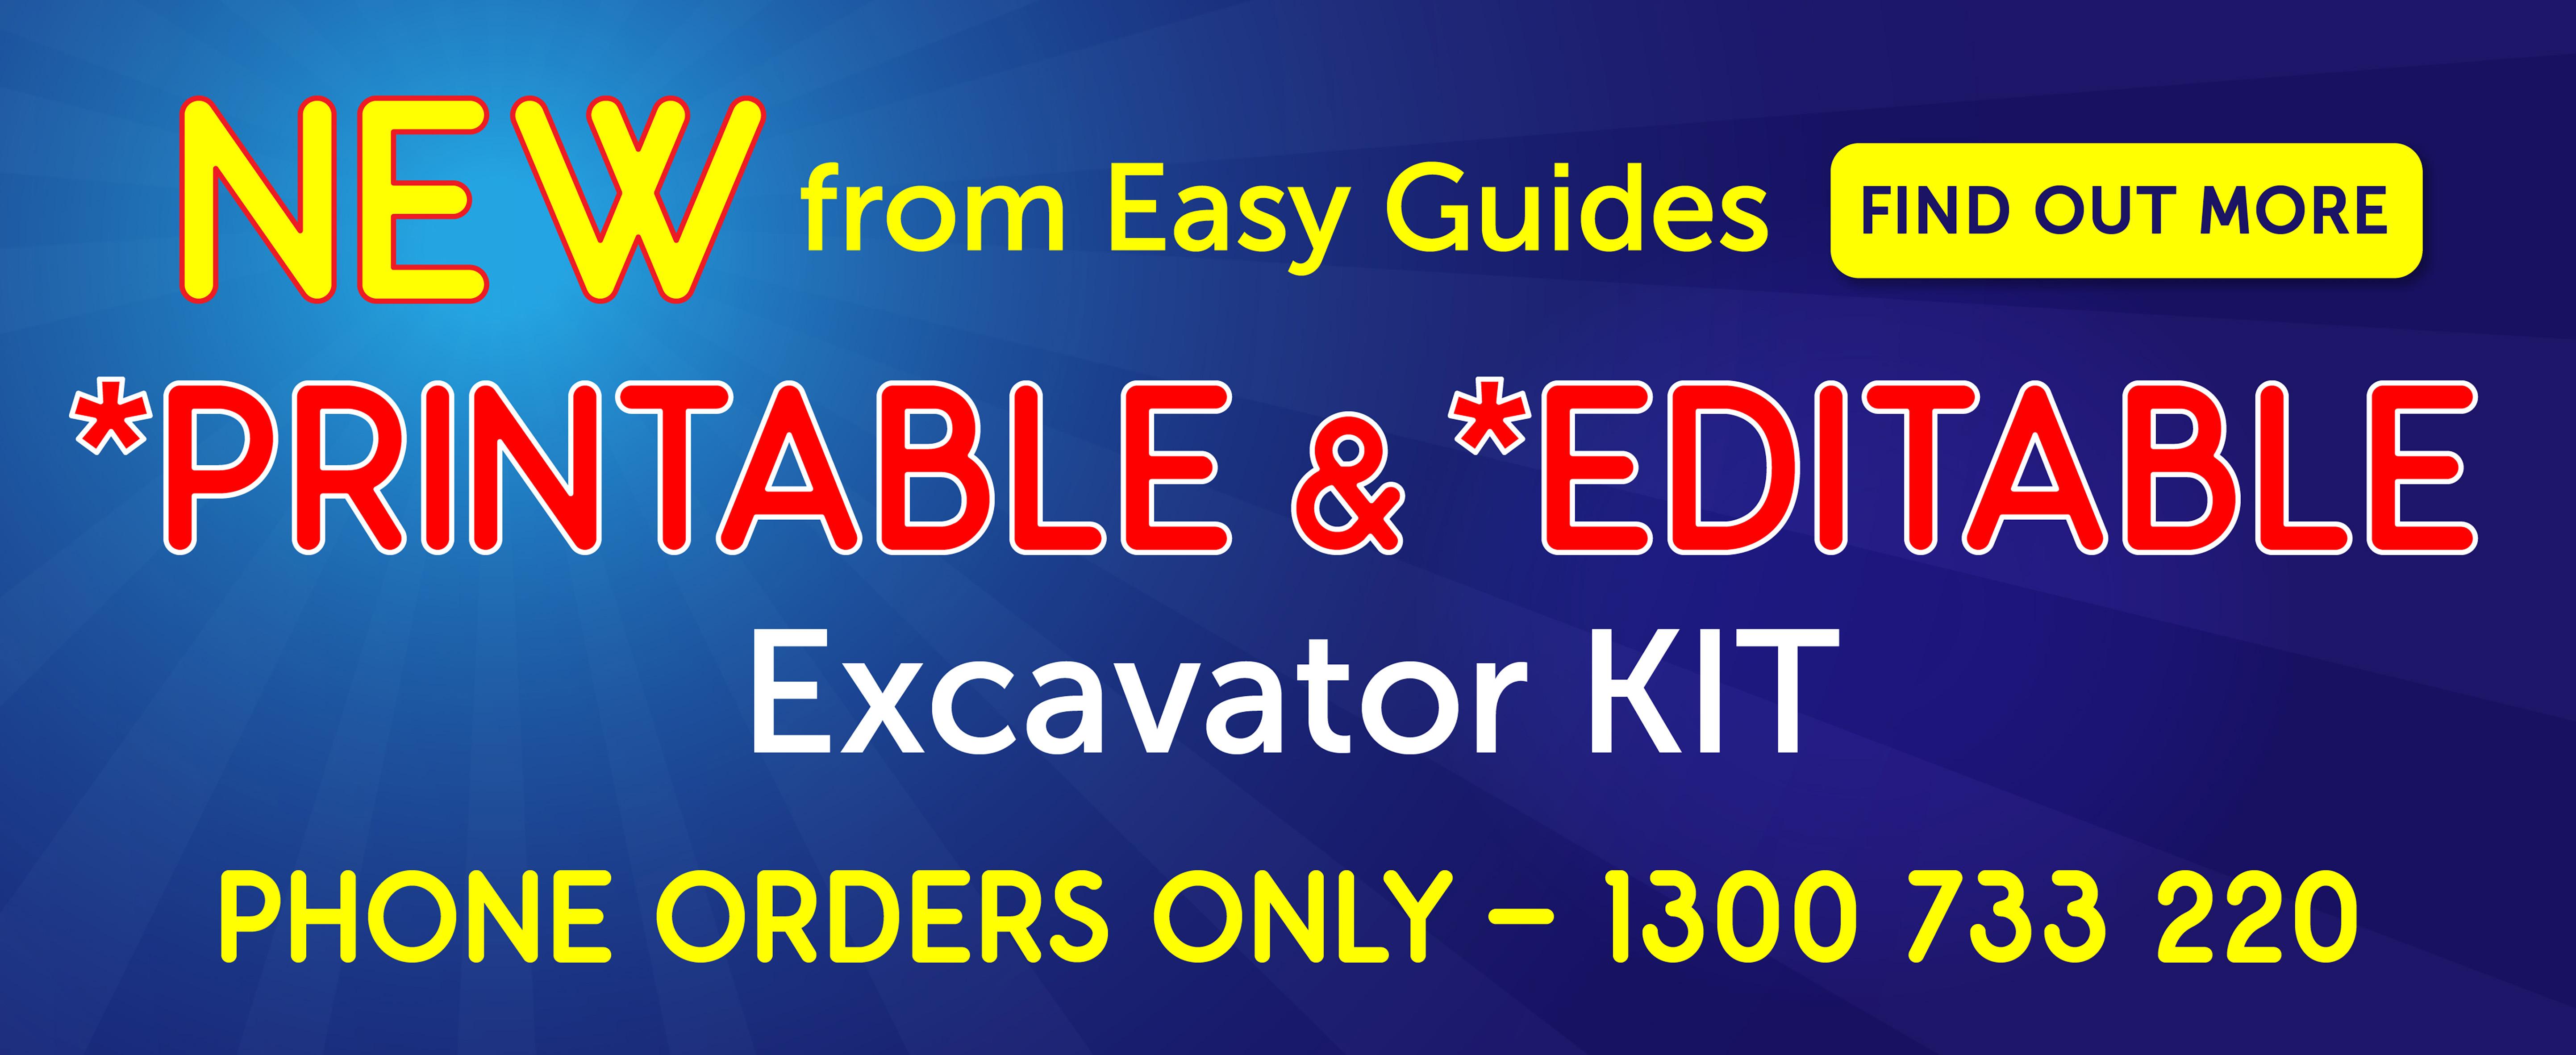 Printable_Editable_information